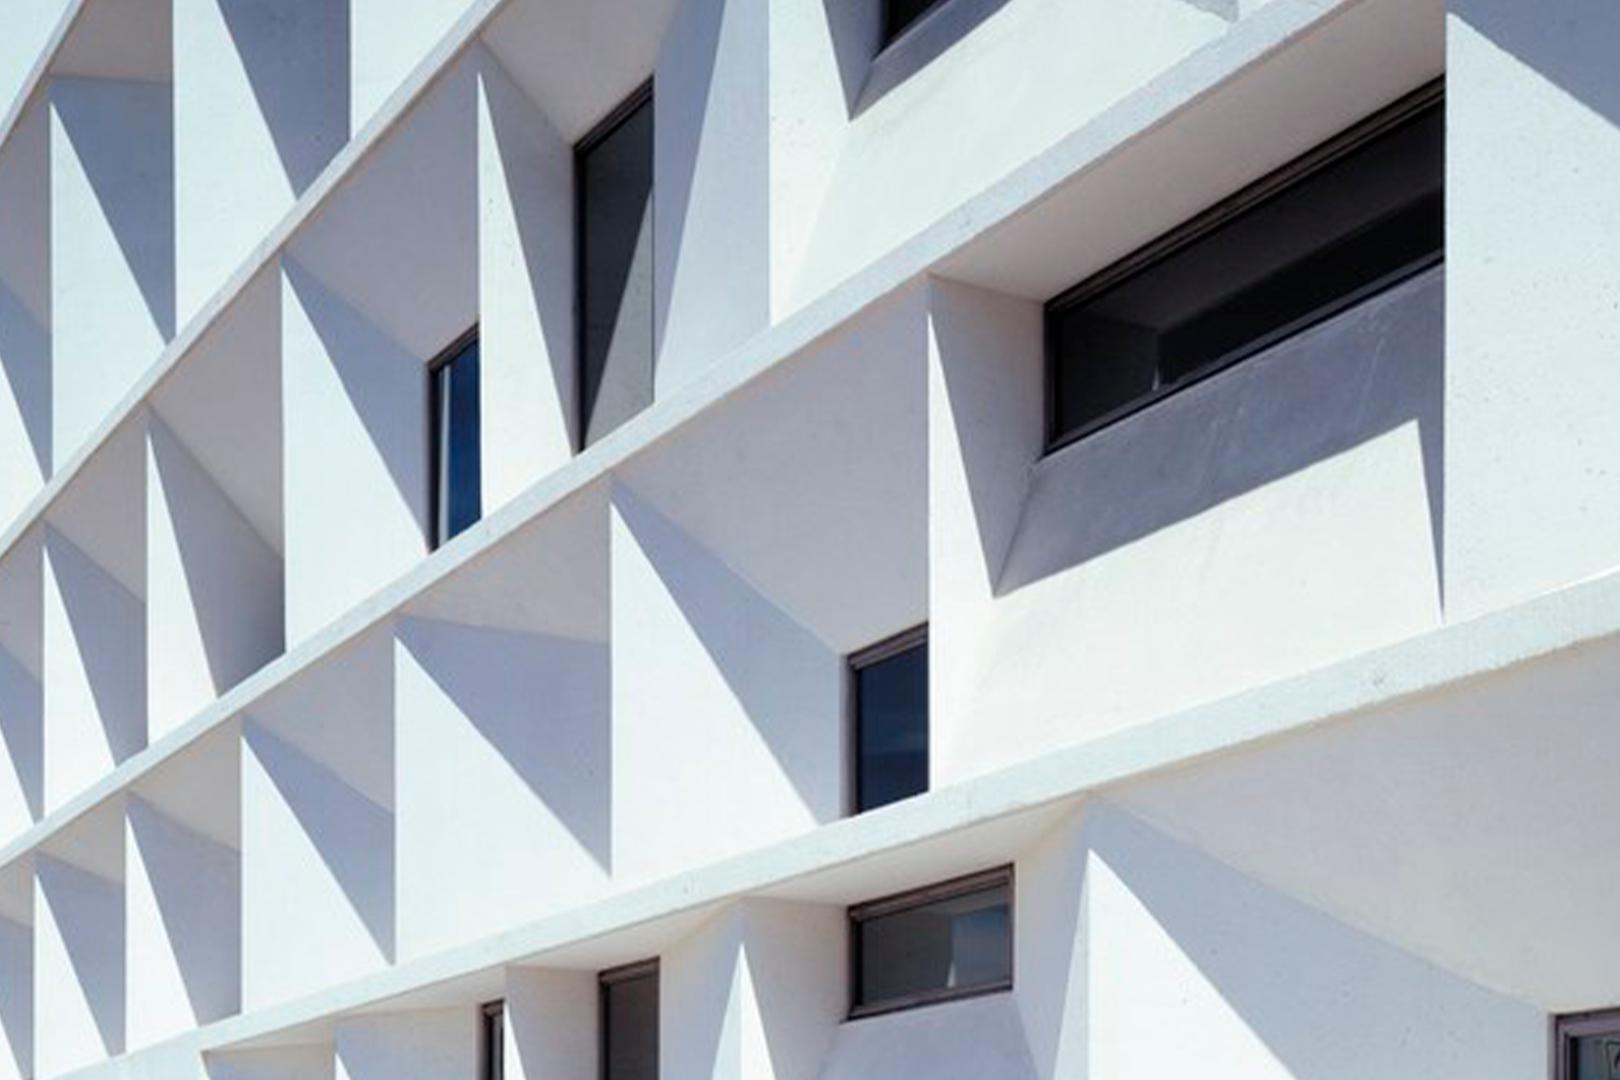 Close-up of the façade